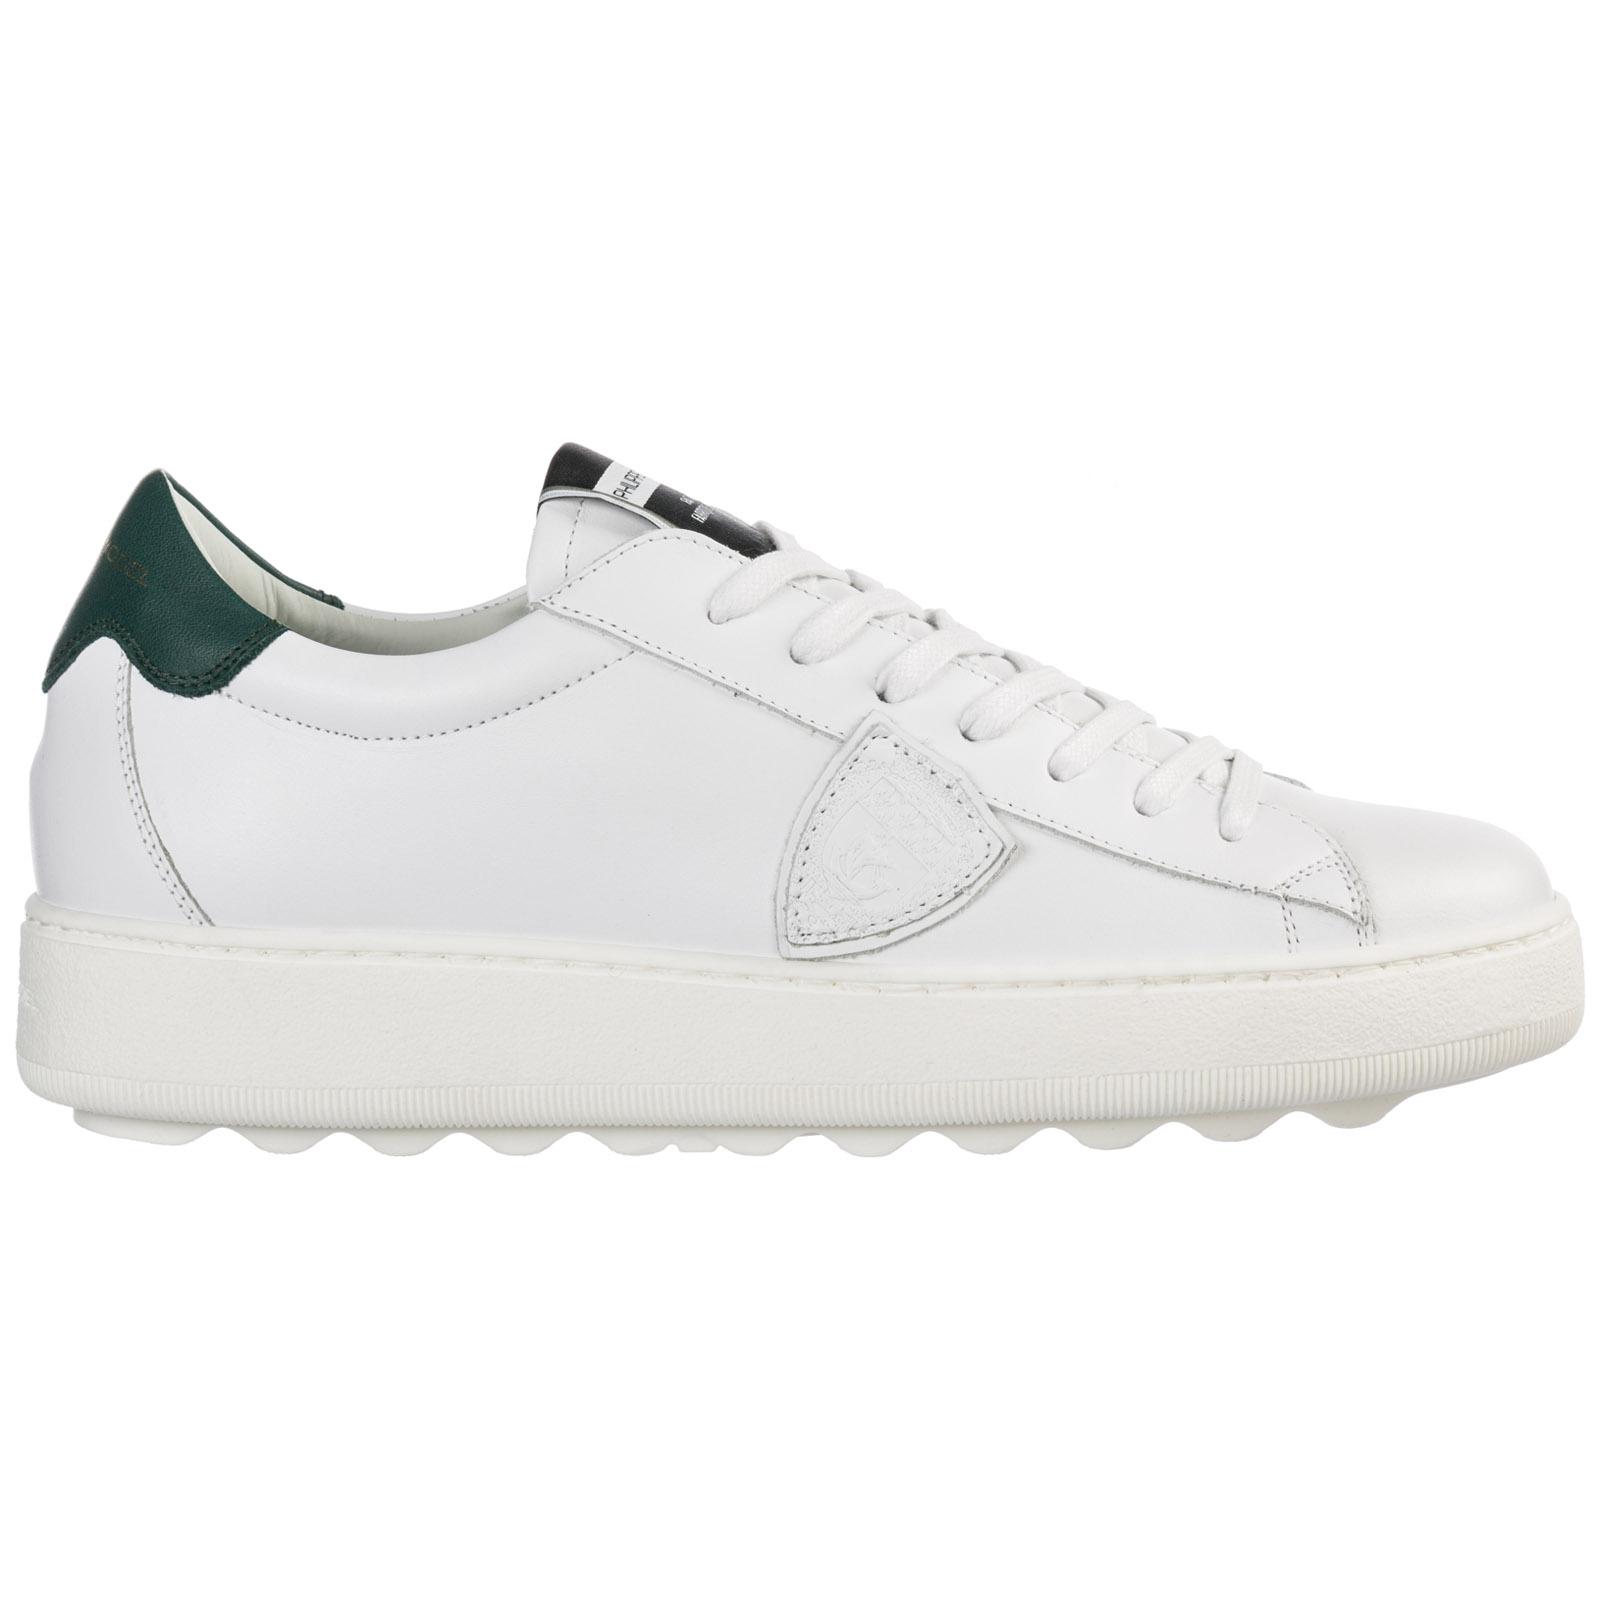 orologio a449a 9bb37 Acquisti Online 2 Sconti su Qualsiasi Caso scarpe sneakers uomo E ...